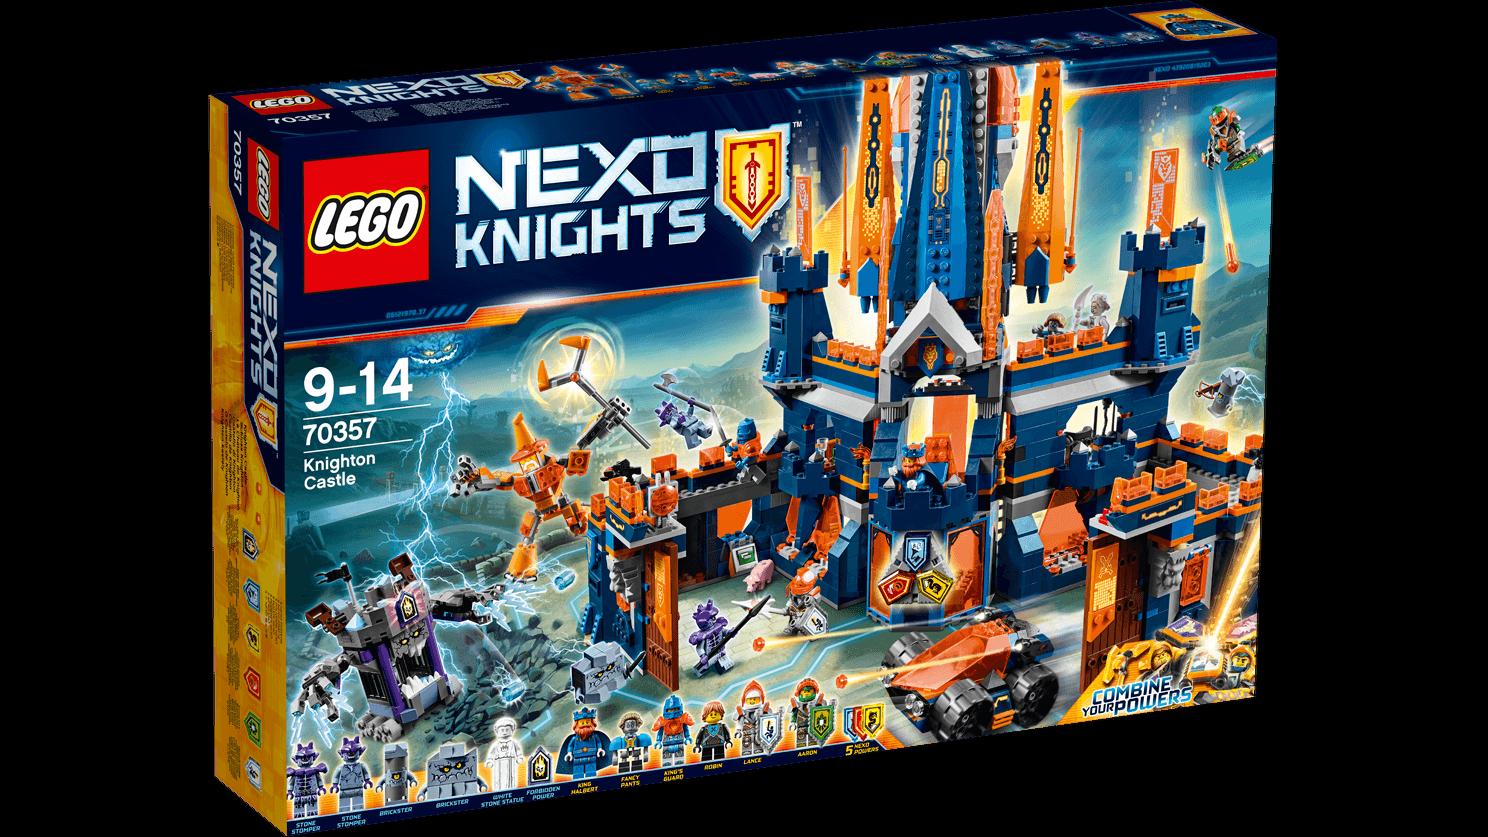 LEGO - Nexo Knight CASTILLO DE DE DE KNIGHTON - NUEVO 8272cb